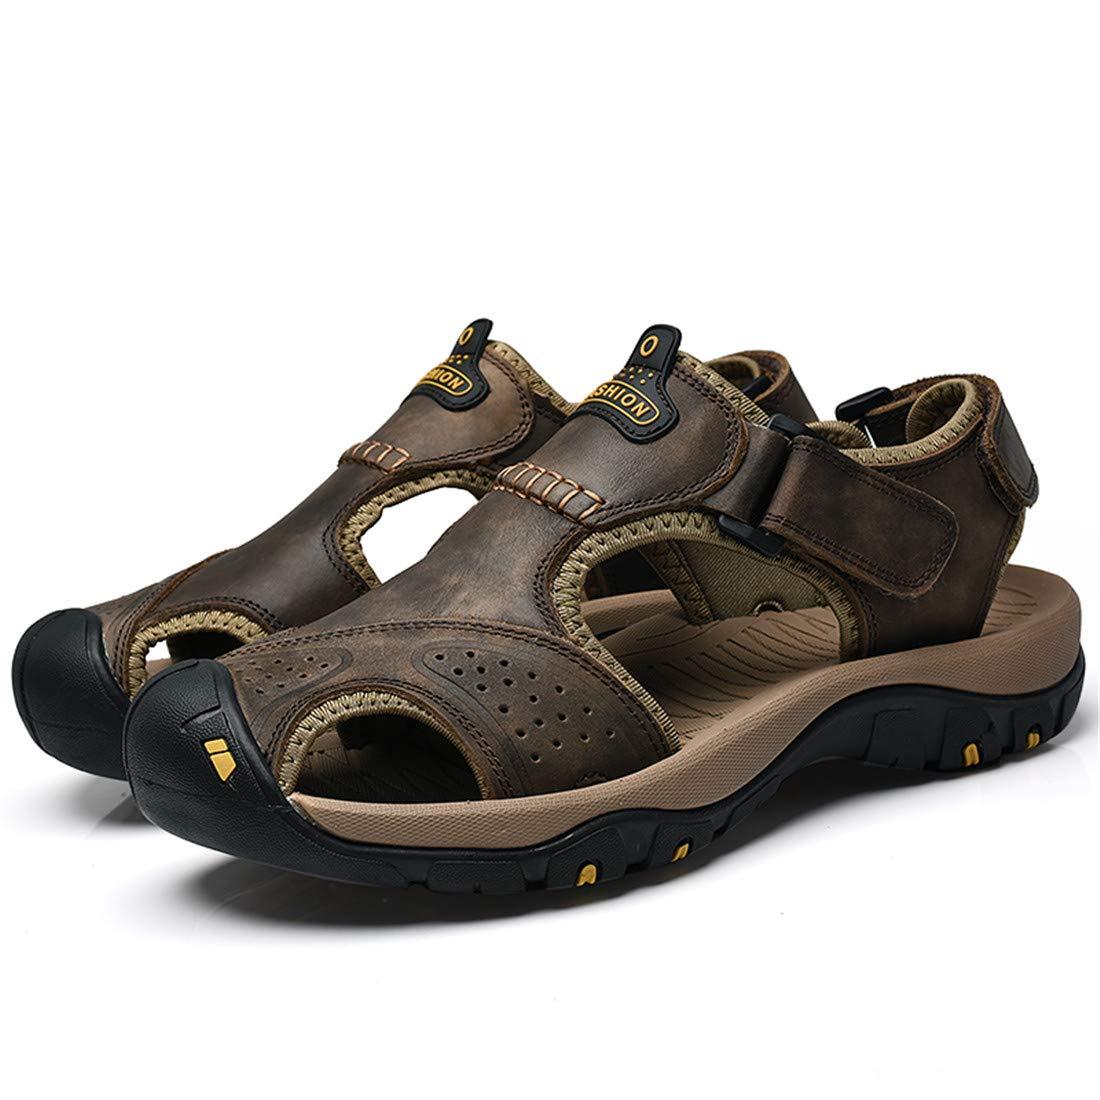 Ma Yeziメンズビーチシューズ第一層レザーサンダル滑り止めラバー+衝撃吸収MDミッドソールヨーロッパとアメリカのウィンドビーチシューズ様々なオプションの衝撃吸収EVA恐竜穴の靴PB50-7238- X